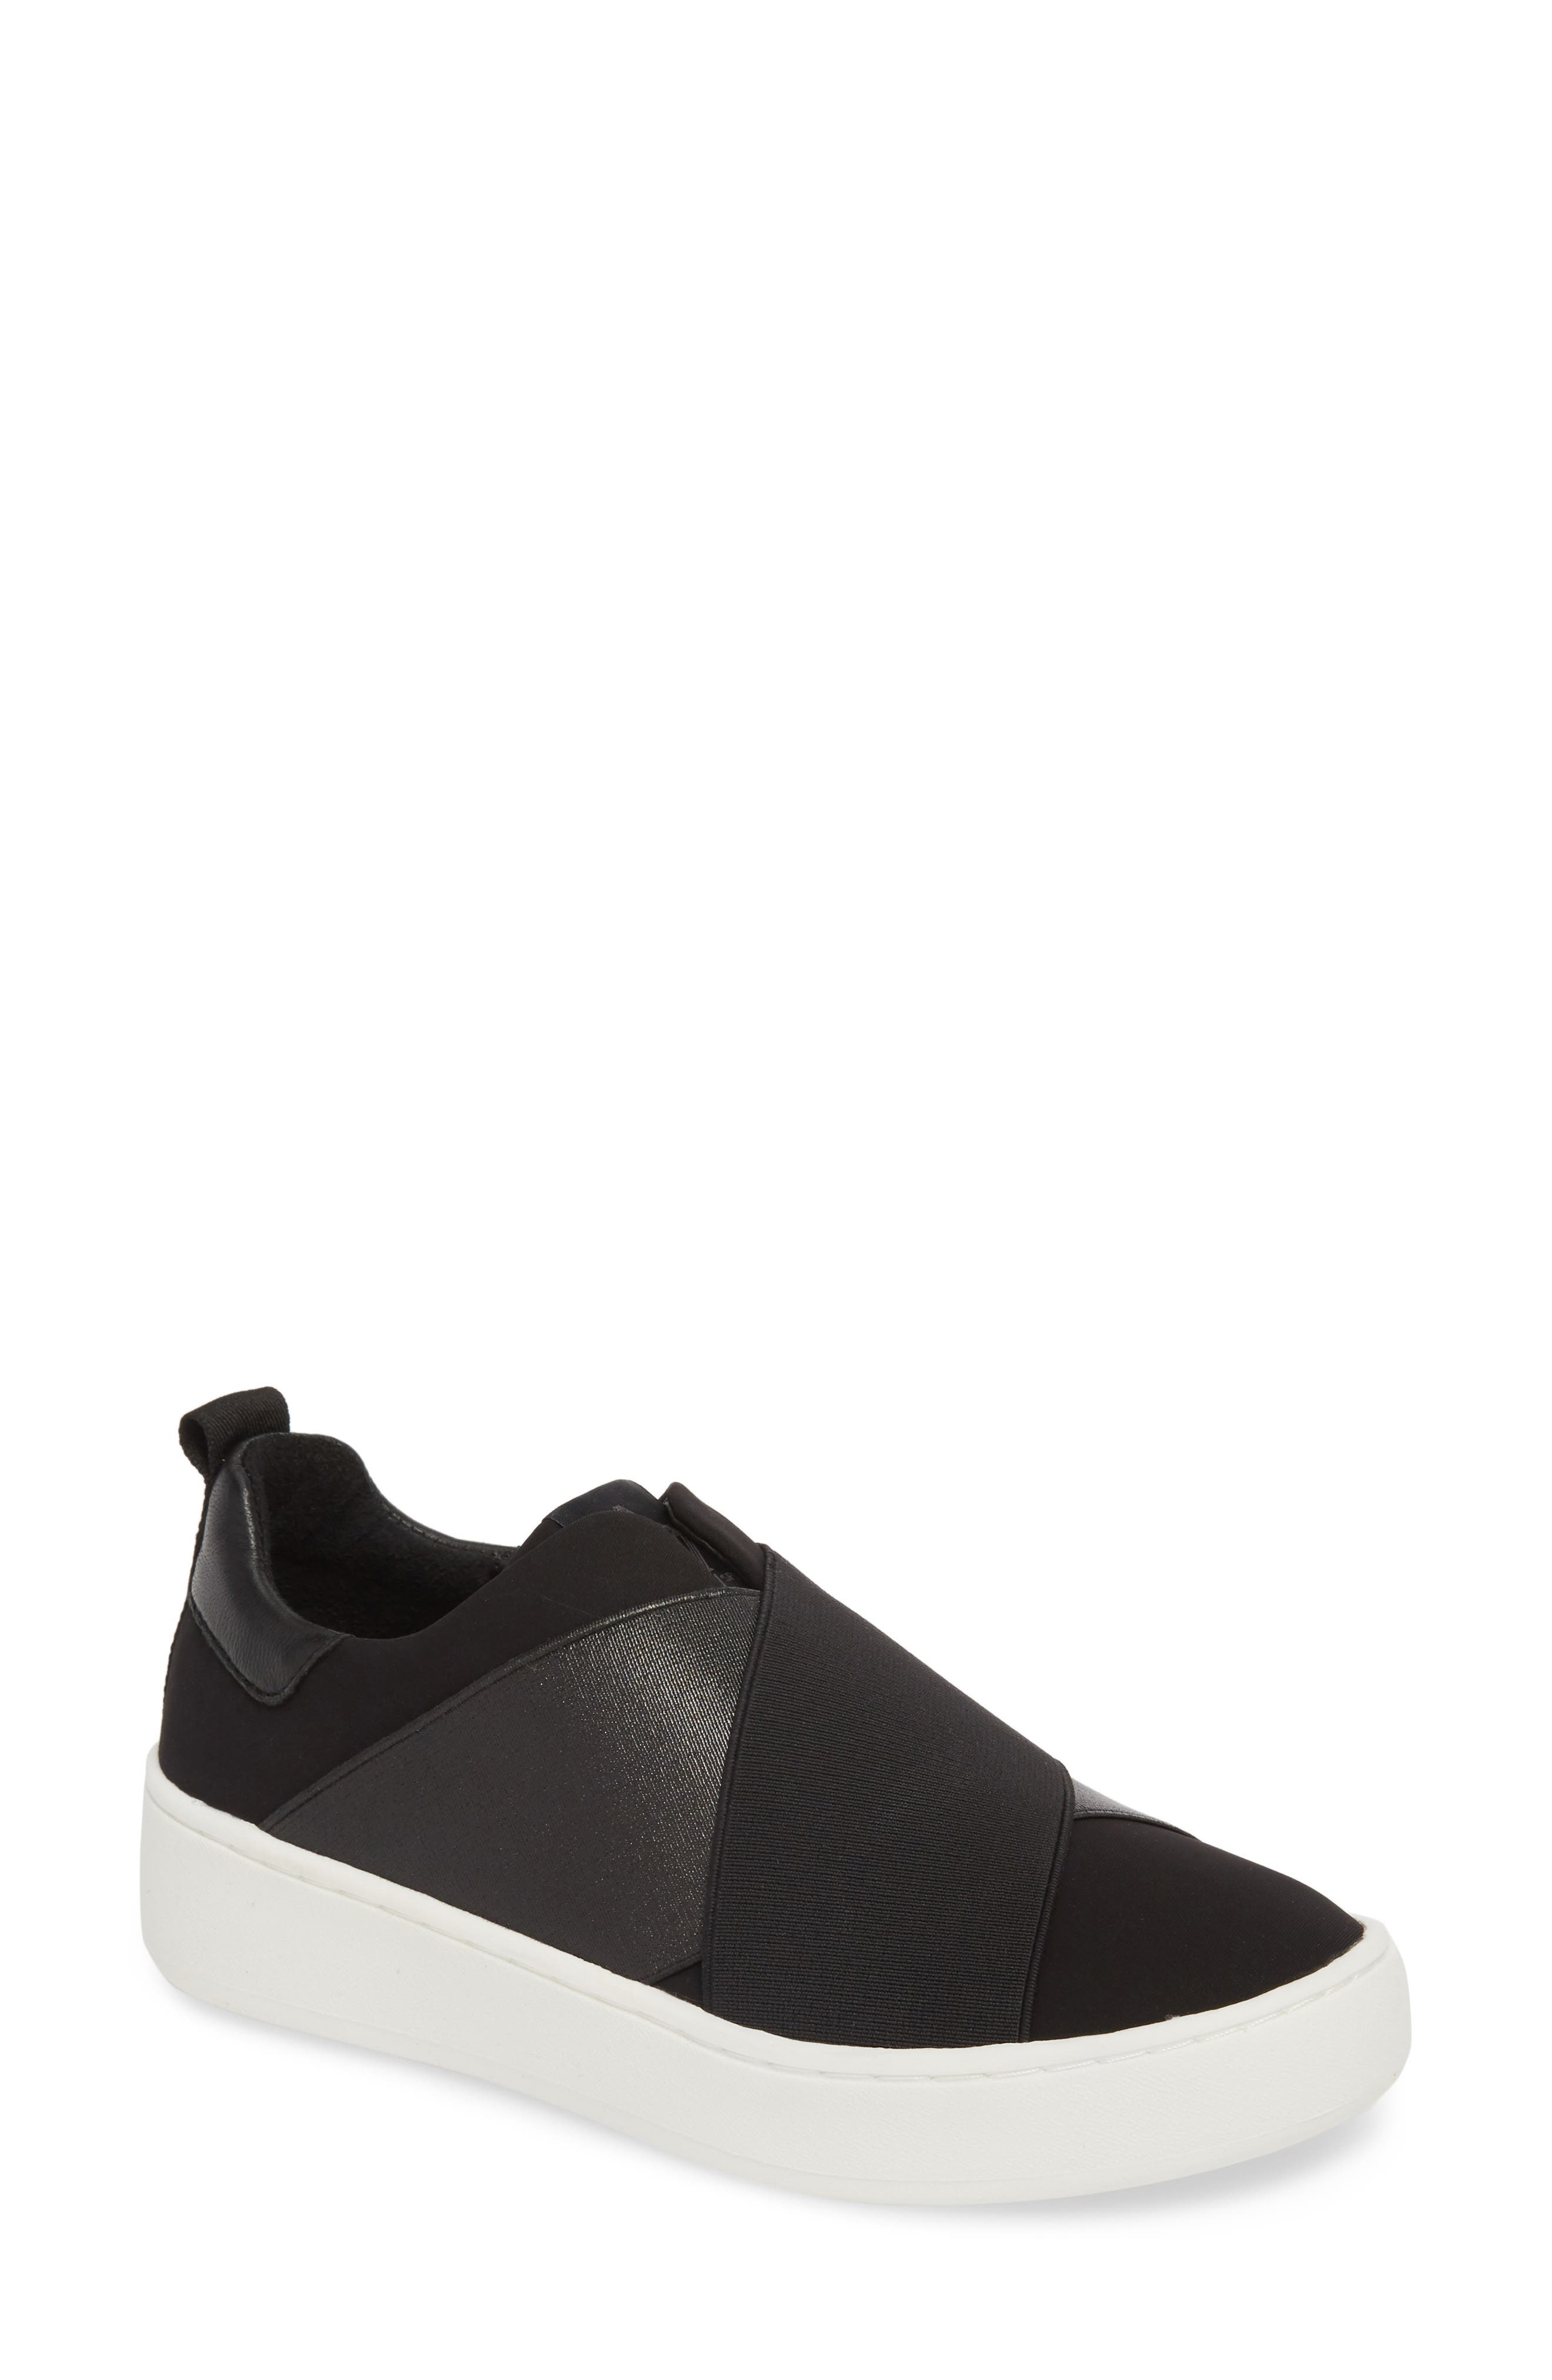 Coley Platform Slip-On Sneaker,                         Main,                         color, BLACK LEATHER